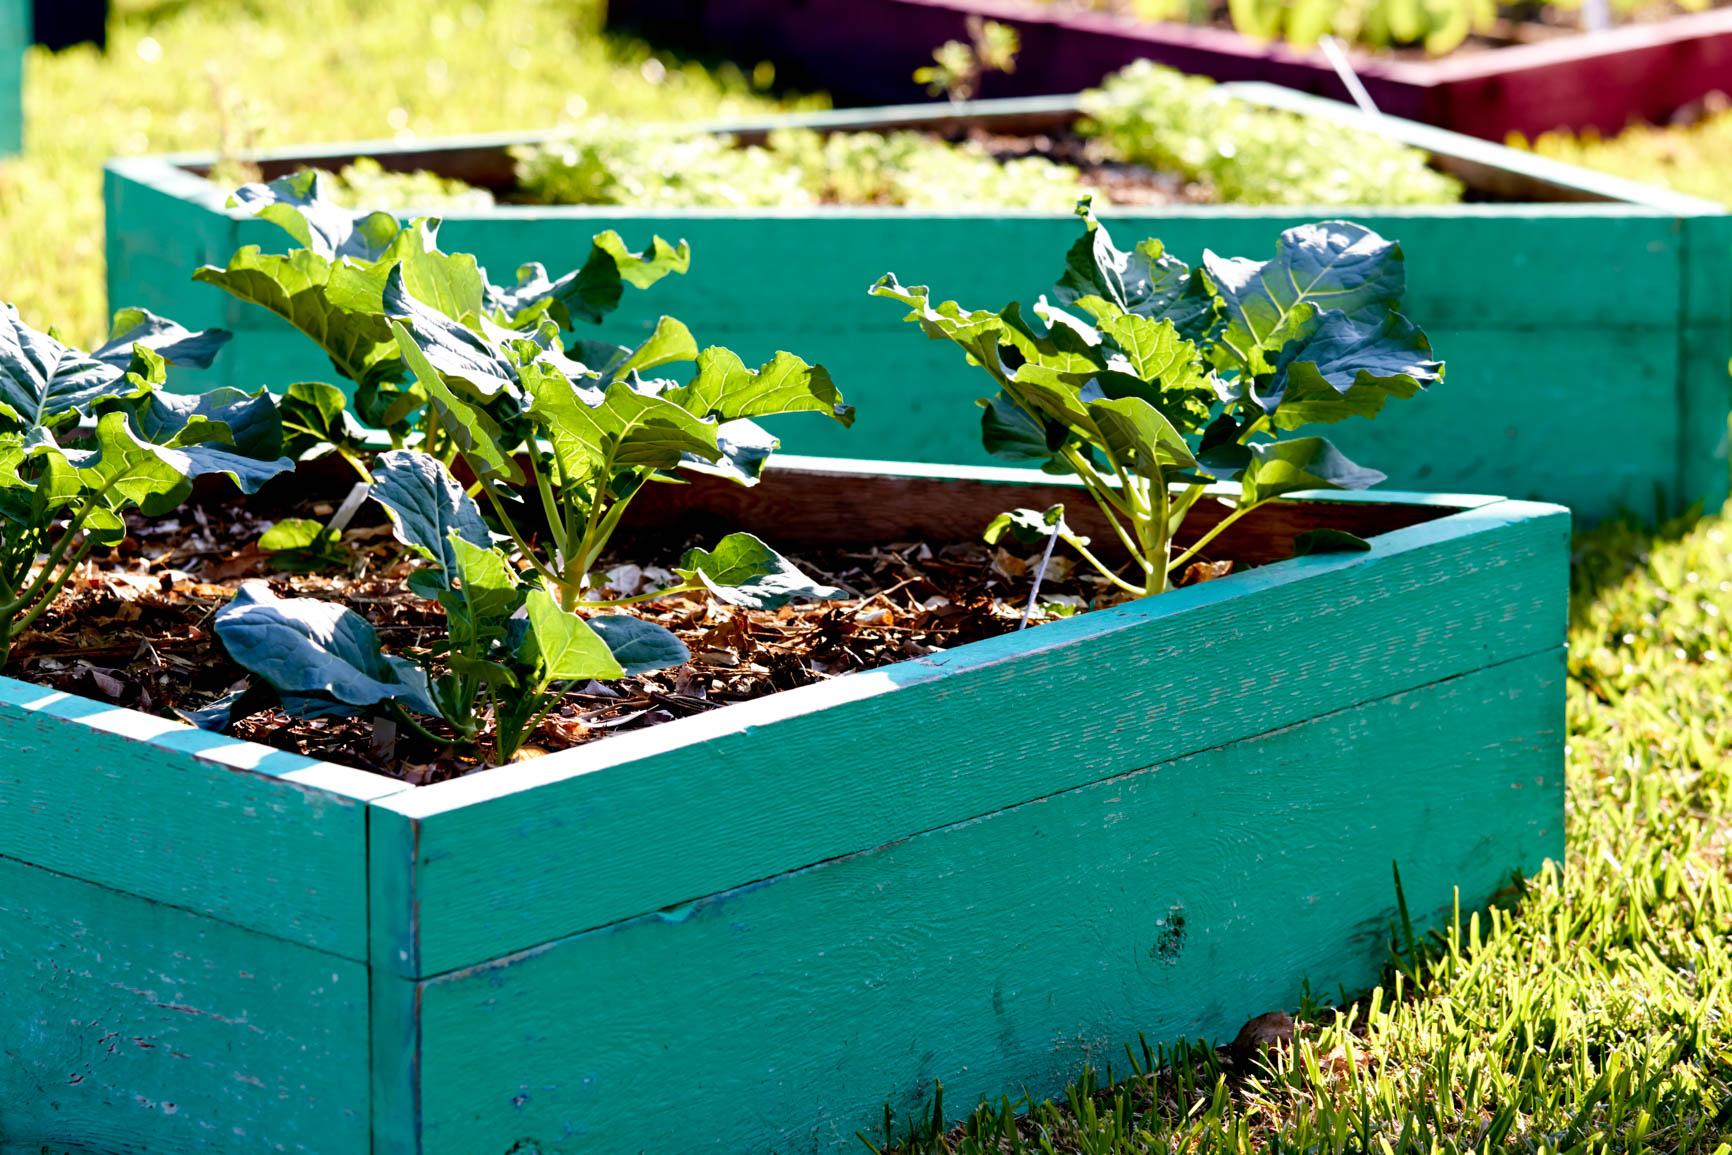 growing kale in the garden